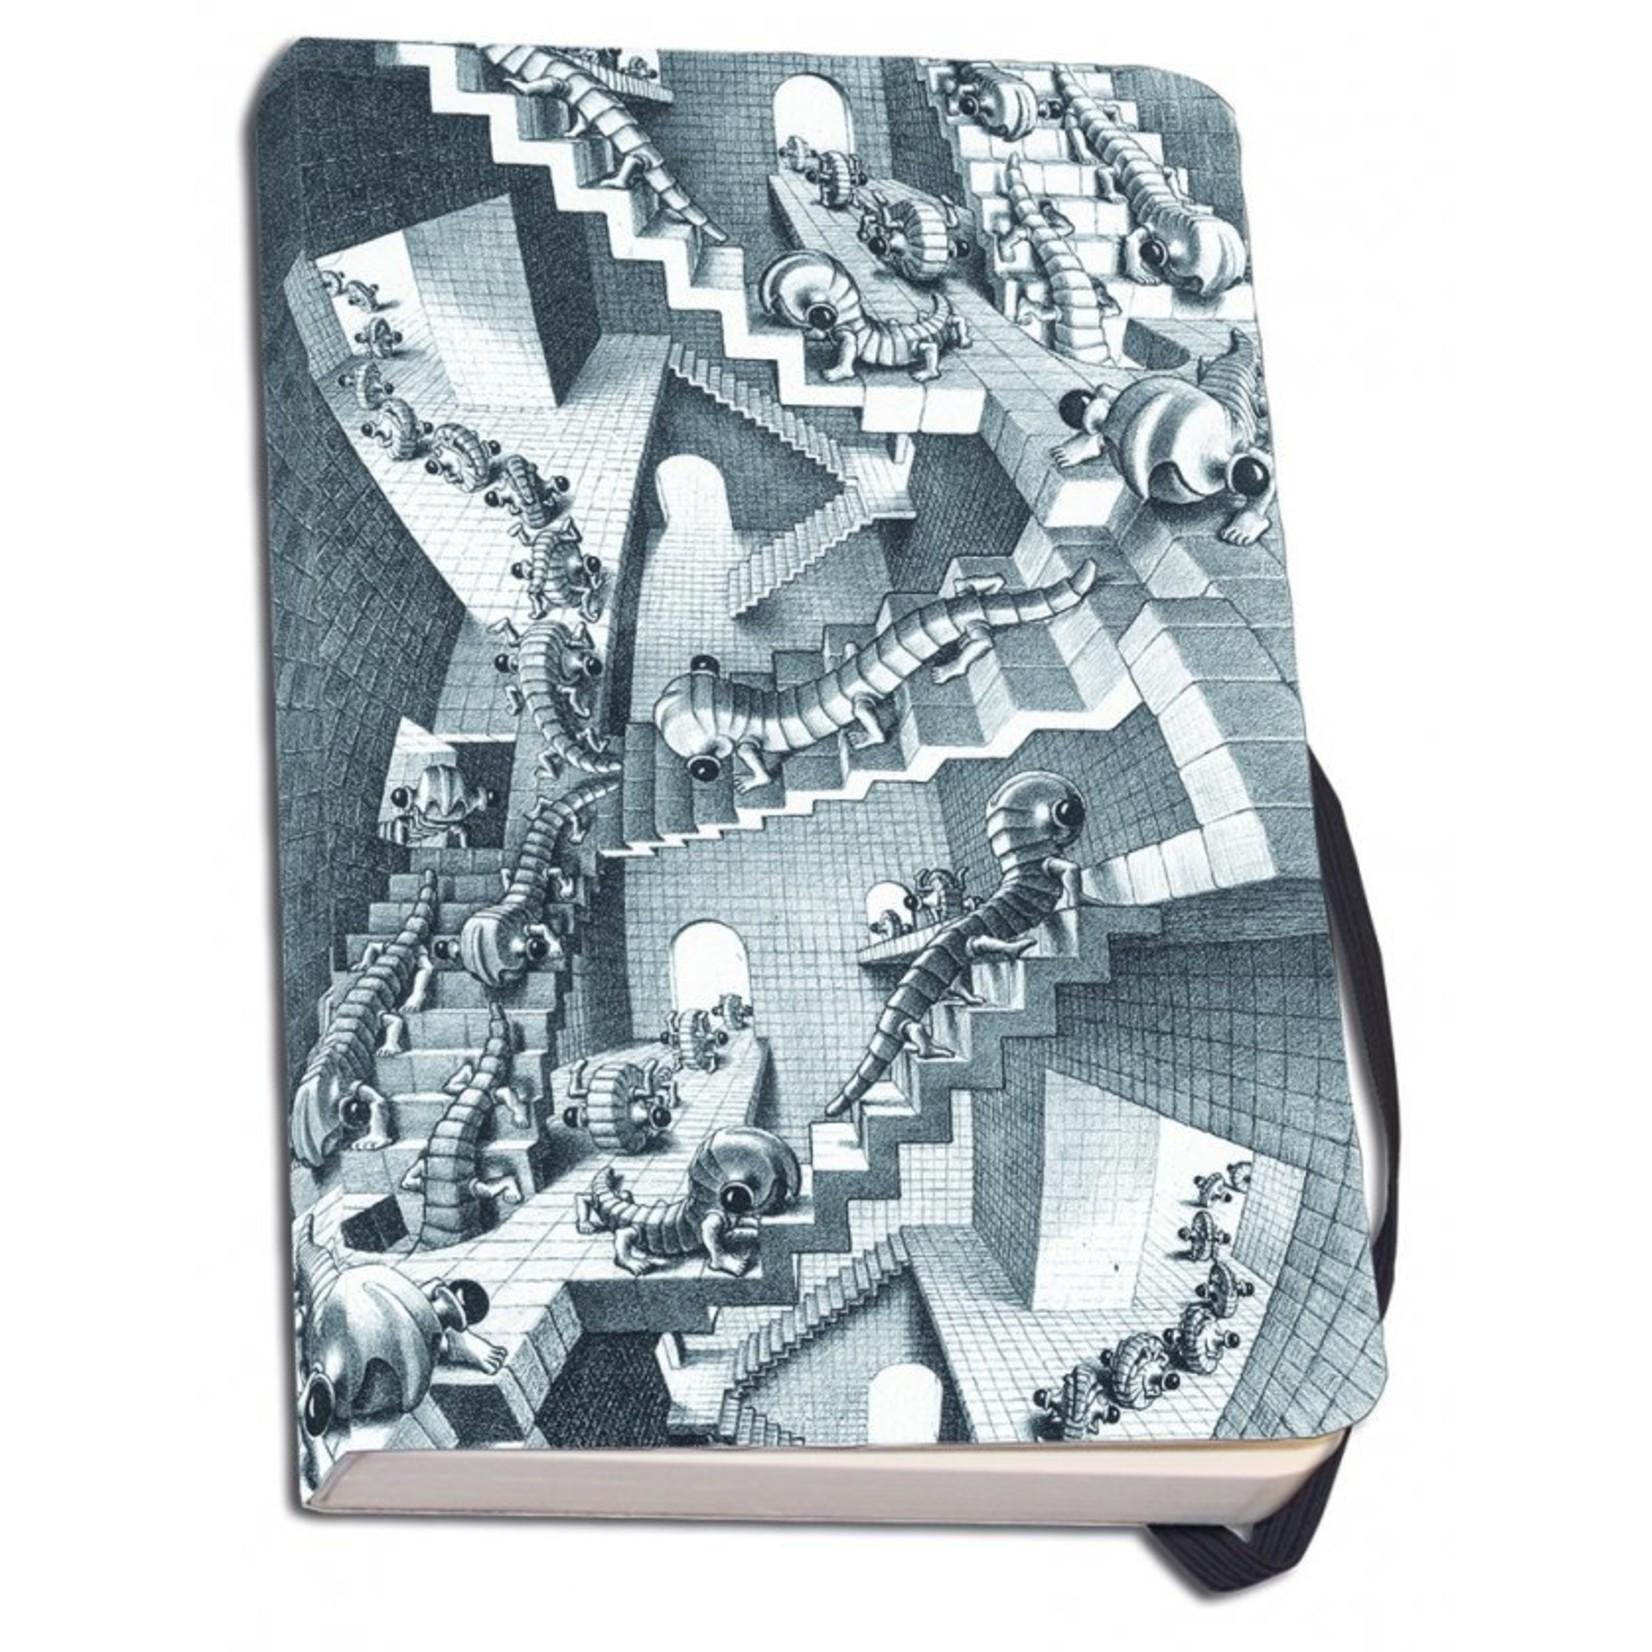 Bekking & Blitz House of Strais, M.C. Escher (A6) zachte kaft